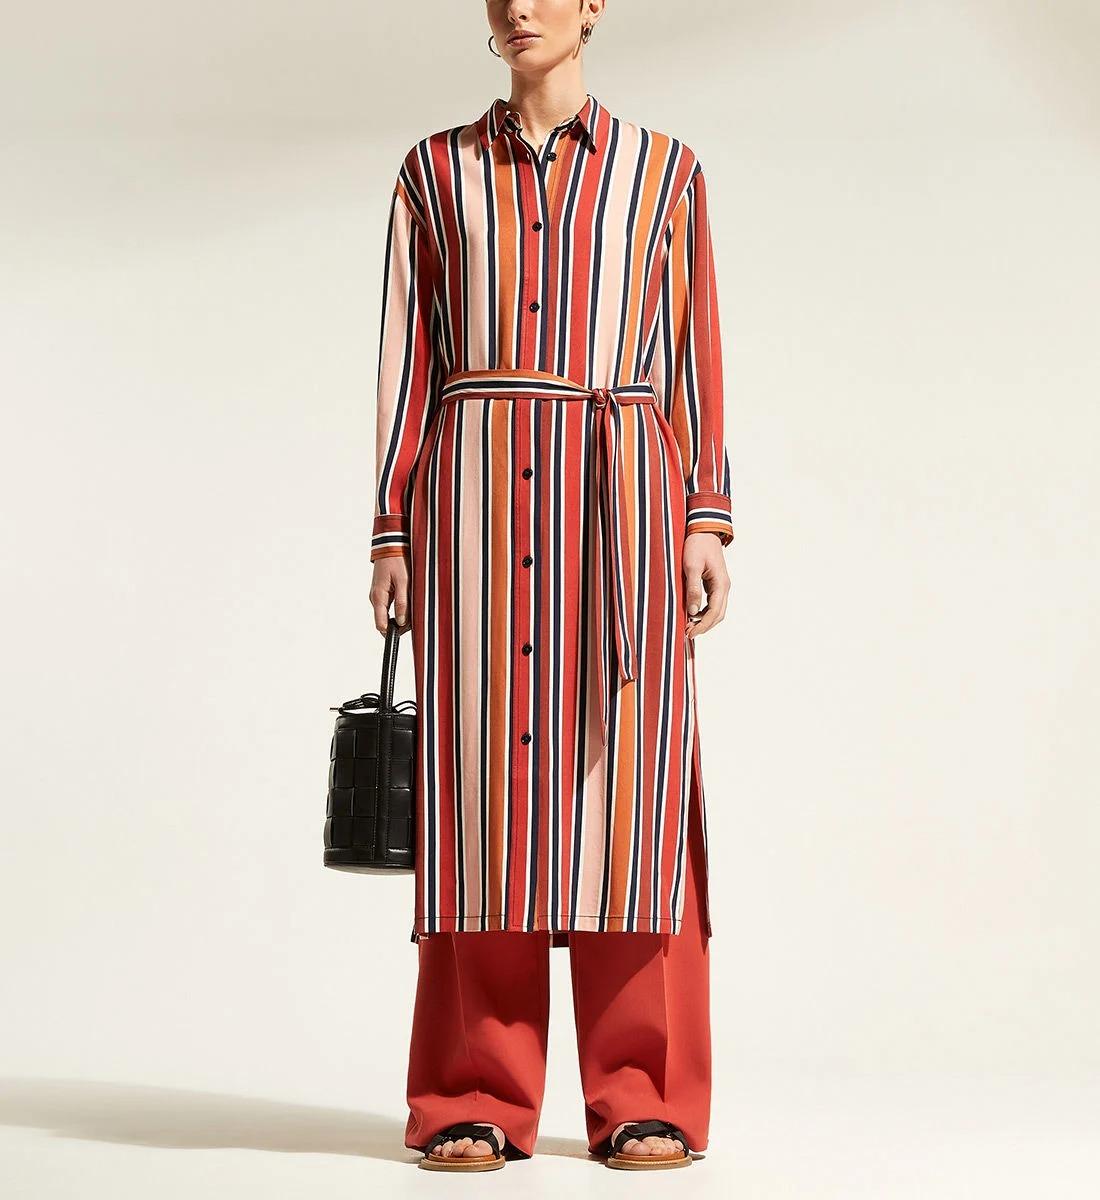 Robe-chemise à rayures verticales, ceinture assortie amovible, et fendue au-dessus des genoux, en 100% viscose, Jodhpur 42,50€ au lieu de 85,00€.